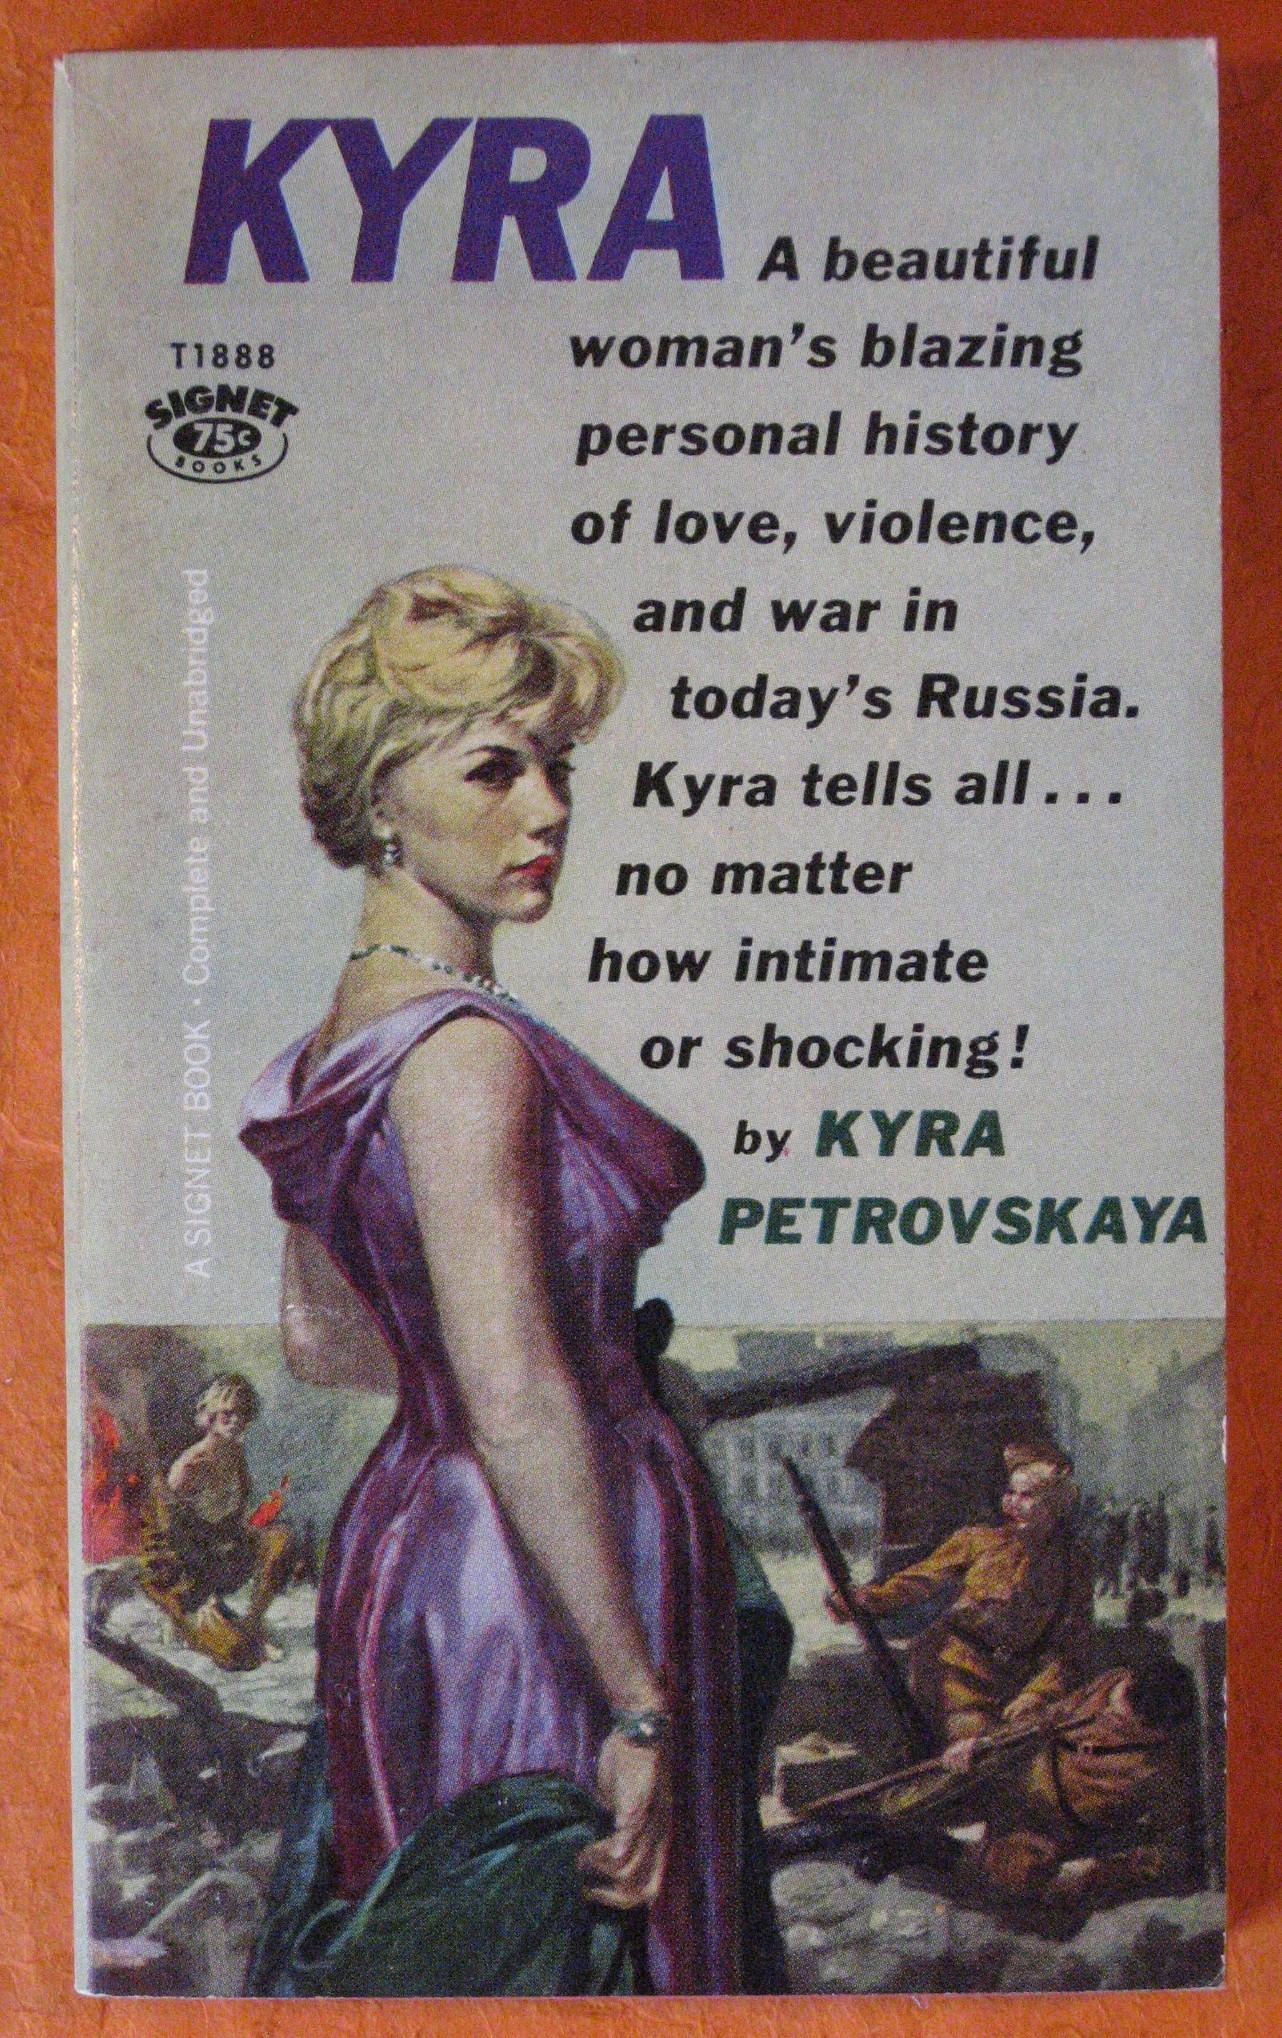 Kyra, Petrovskaya, Kyra